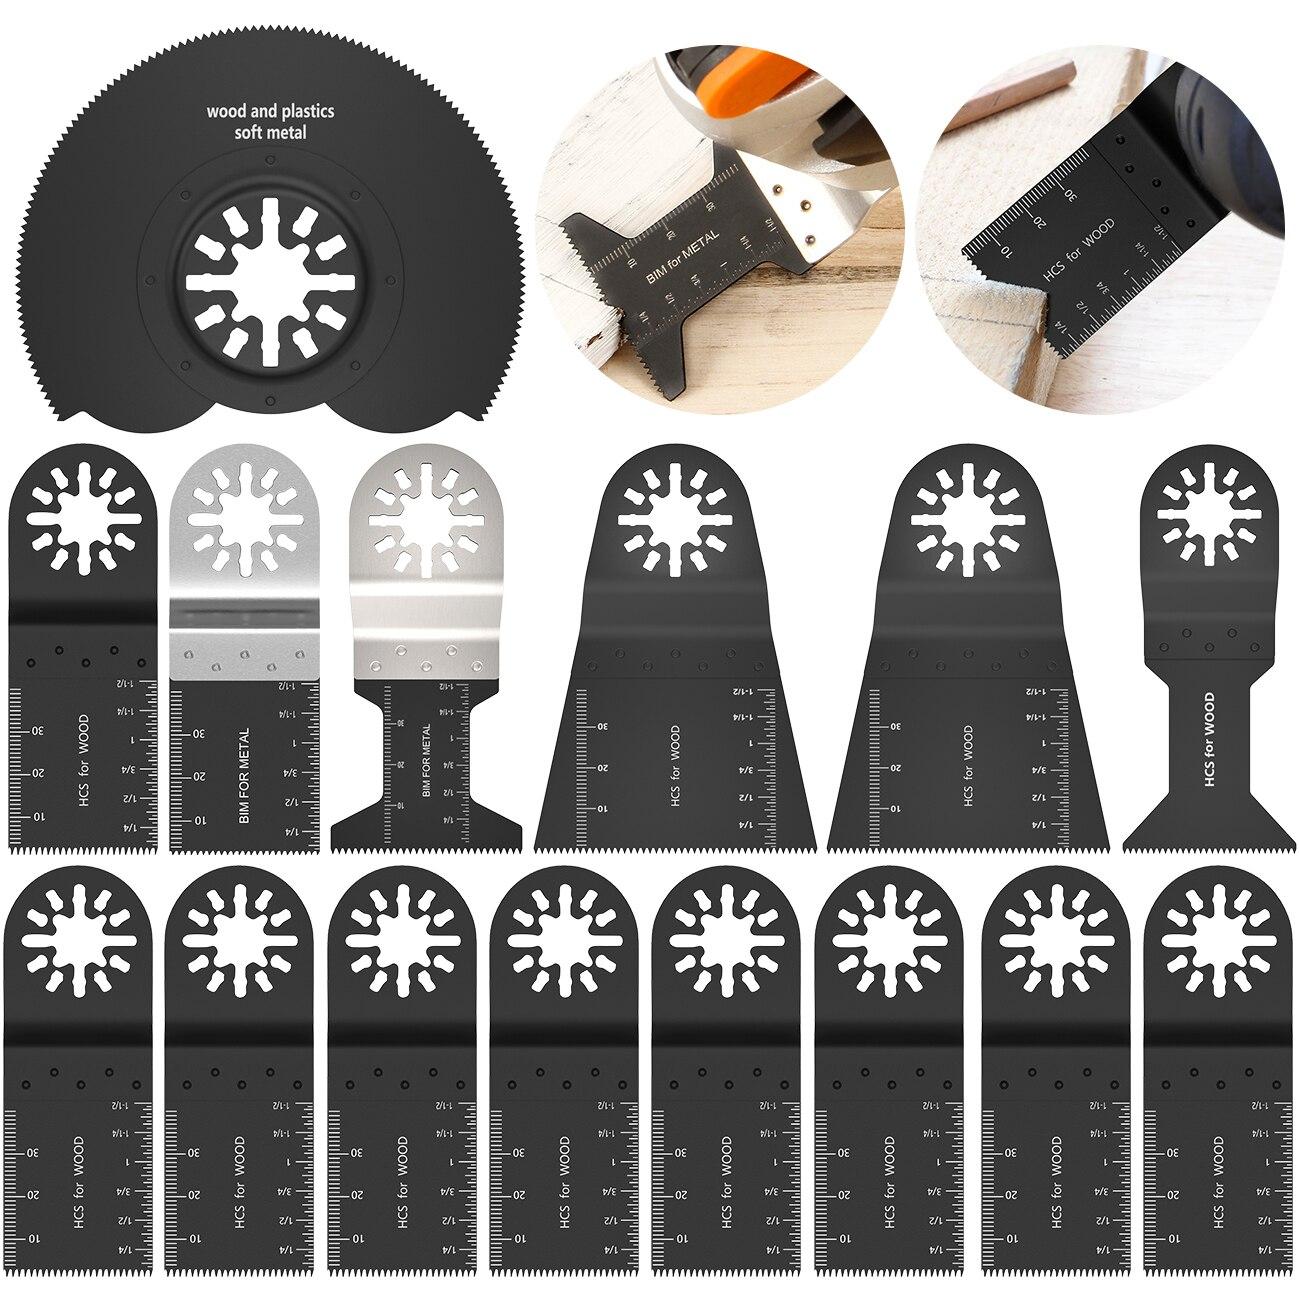 Accesorios Multiherramientas Oscilantes Hojas de Sierra Universales de Acero con Alto Contenido de Carbono Hojas de Sierra Oscilantes de 8 Piezas